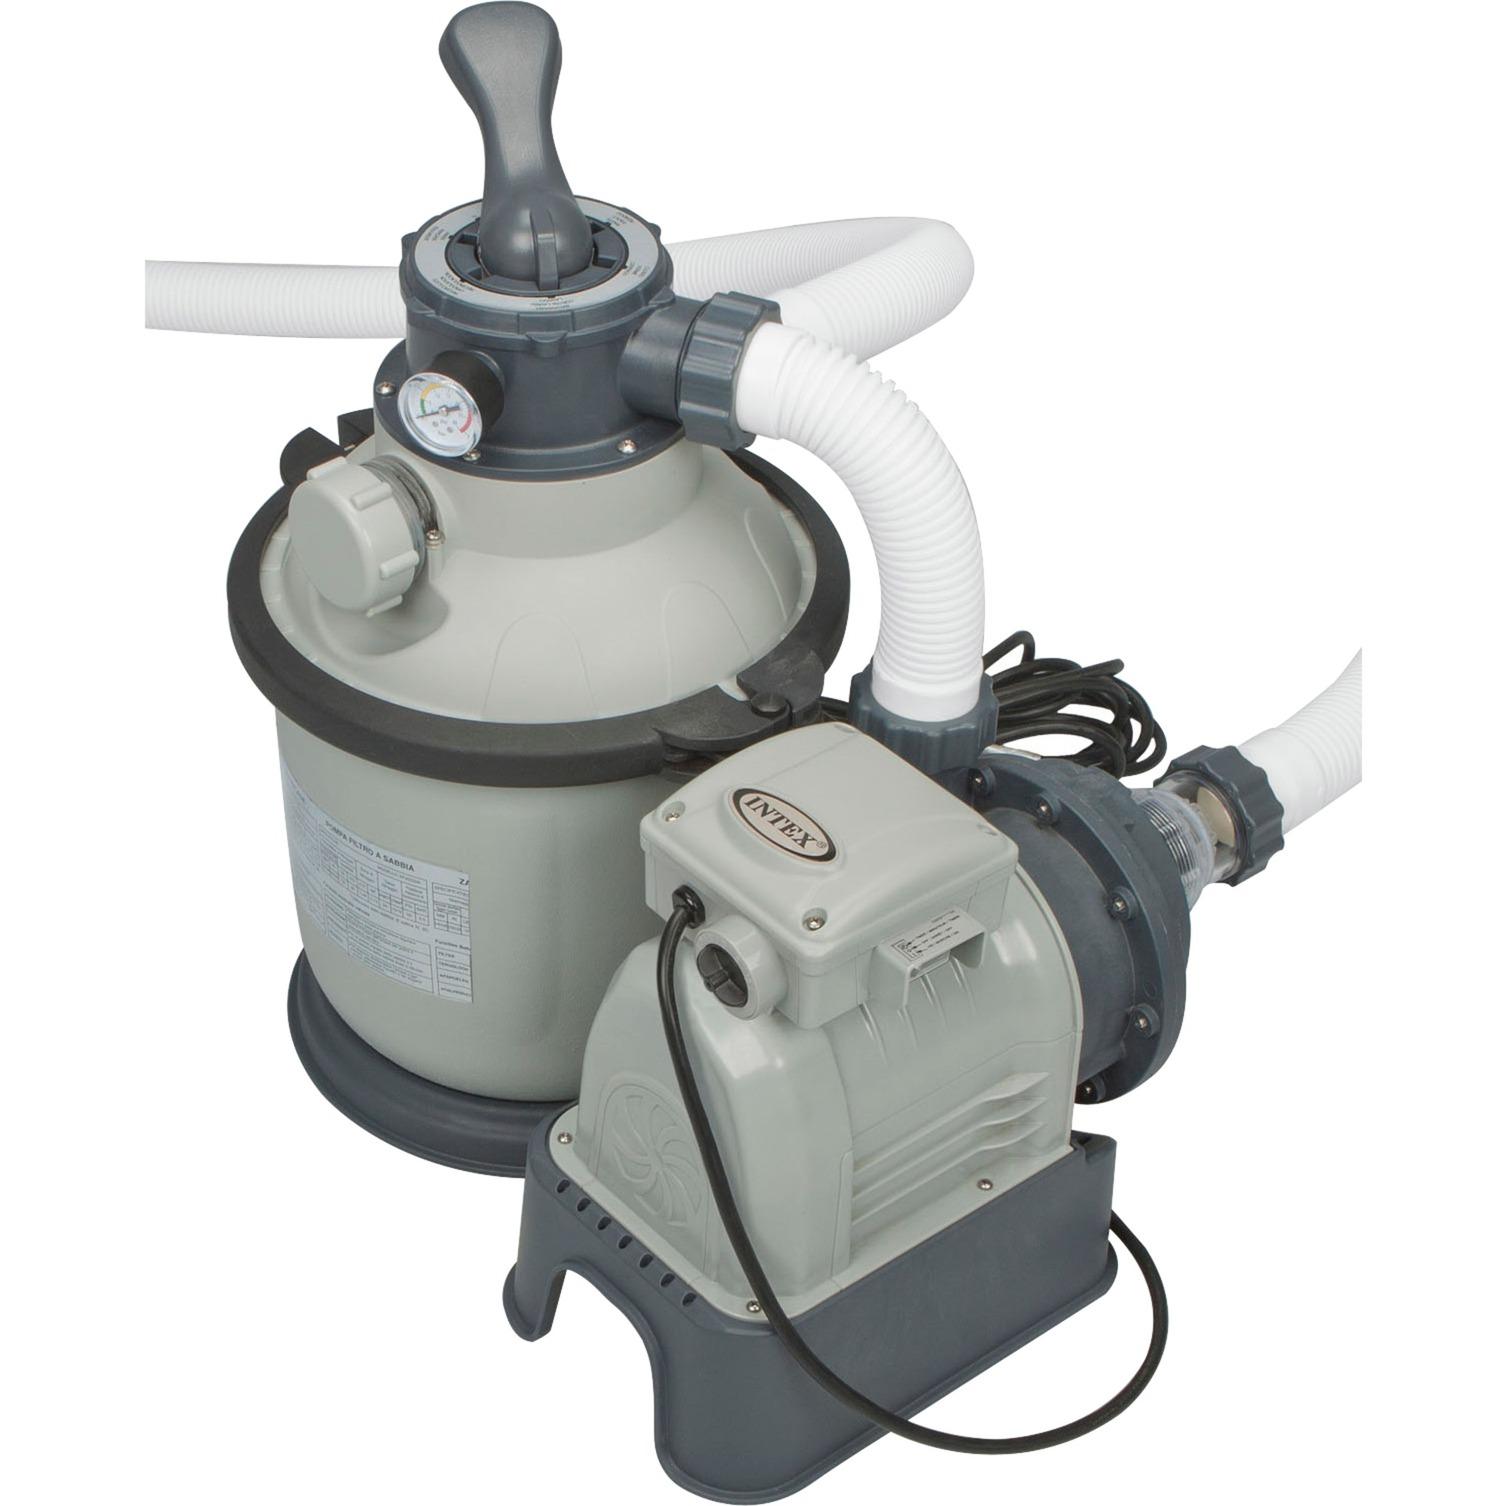 28644 Bomba con filtro de arena accesorio para piscina, Filtro de agua